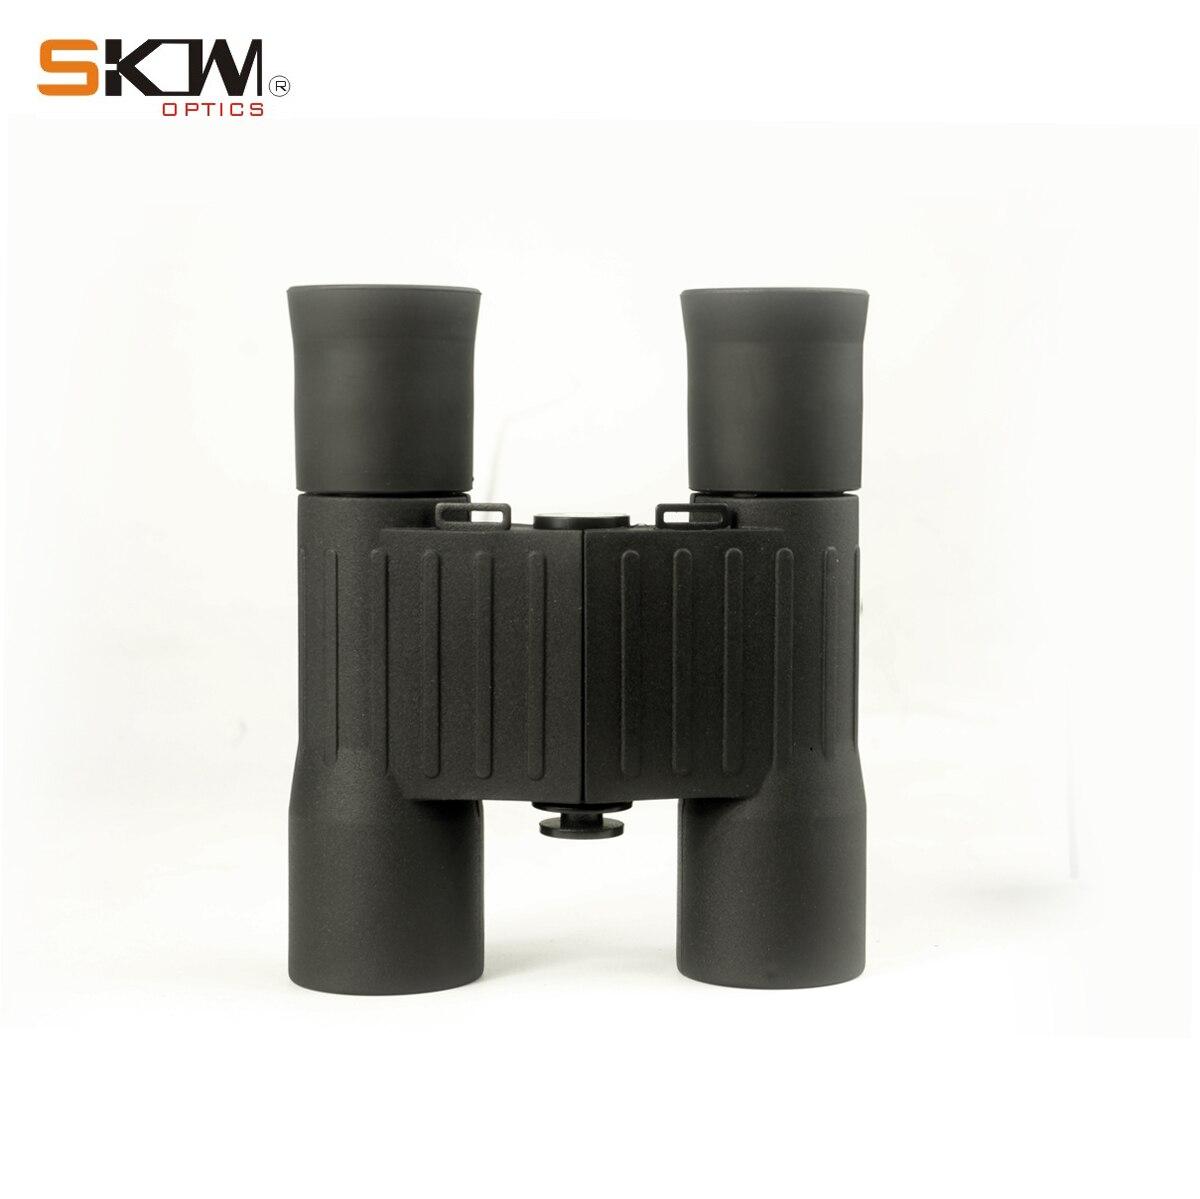 Livraison gratuite militaire compact 7x28 chasse bak4 jumelles télescope M24 jumelles sans réticule tactiques binoculaires